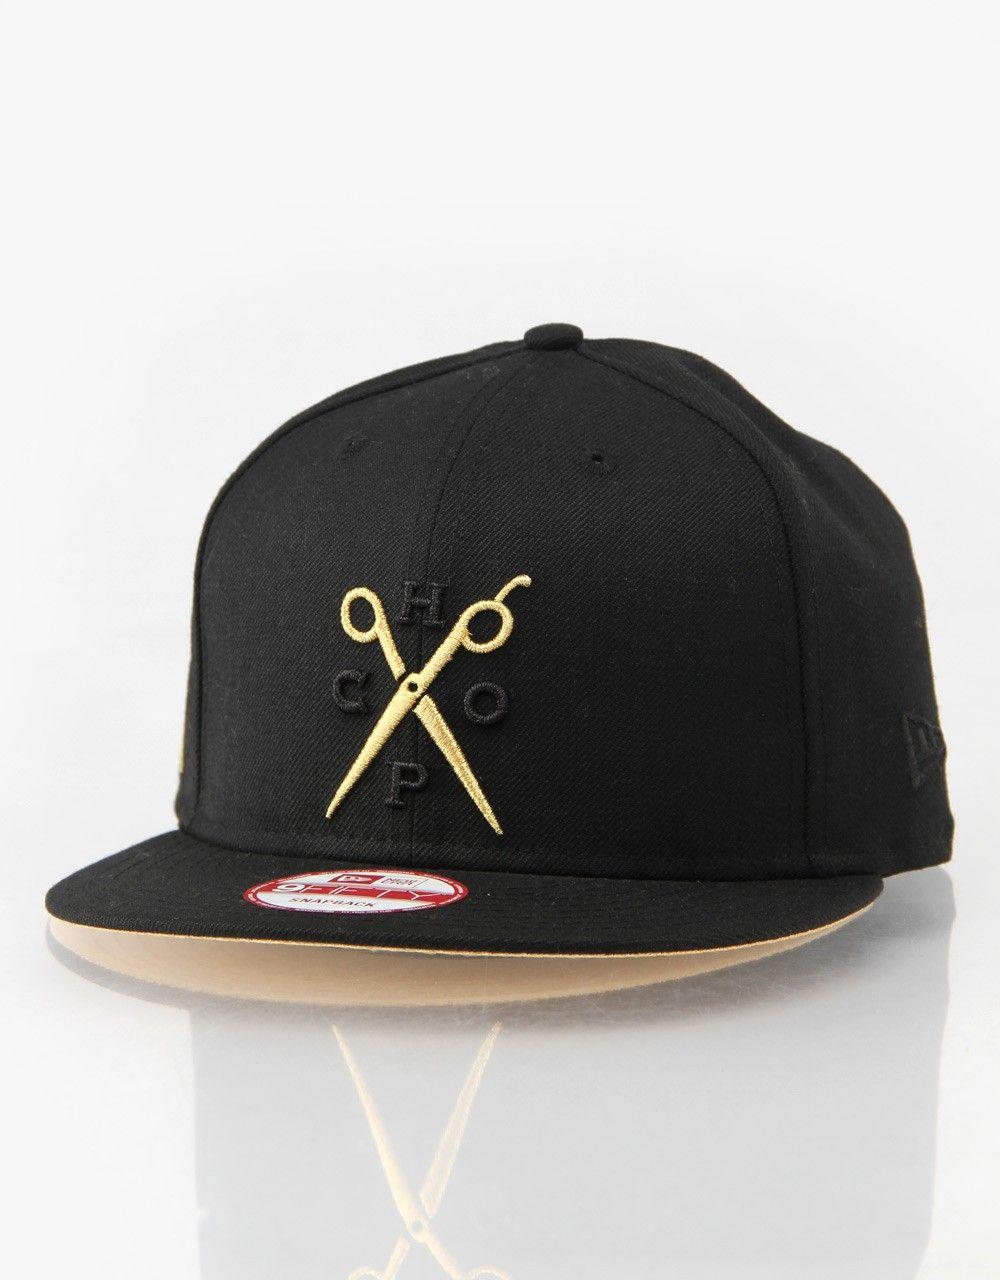 35 Franks Chop Shop Gold Scissors New Era Snapback Cap Hats For Men Snapback Cap New Era Snapback